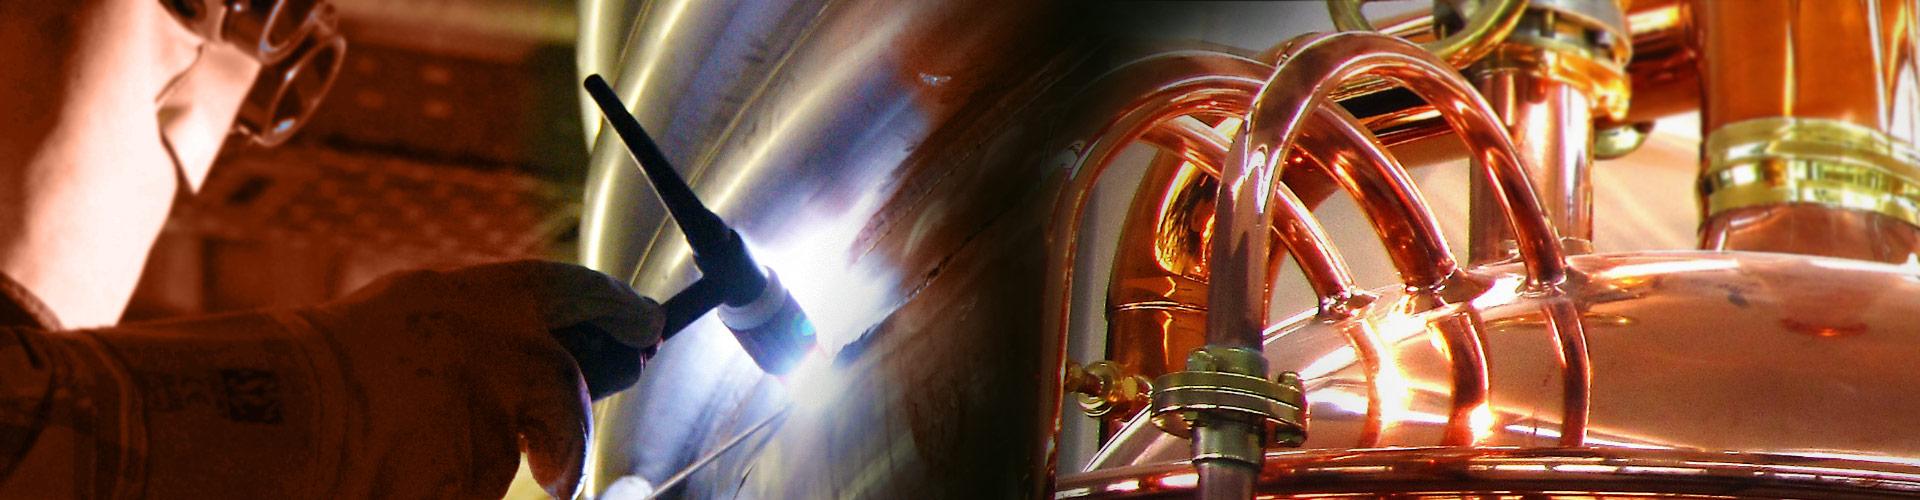 Spezialschweissen - Bergmann RST Rohr- und Schweißtechnik